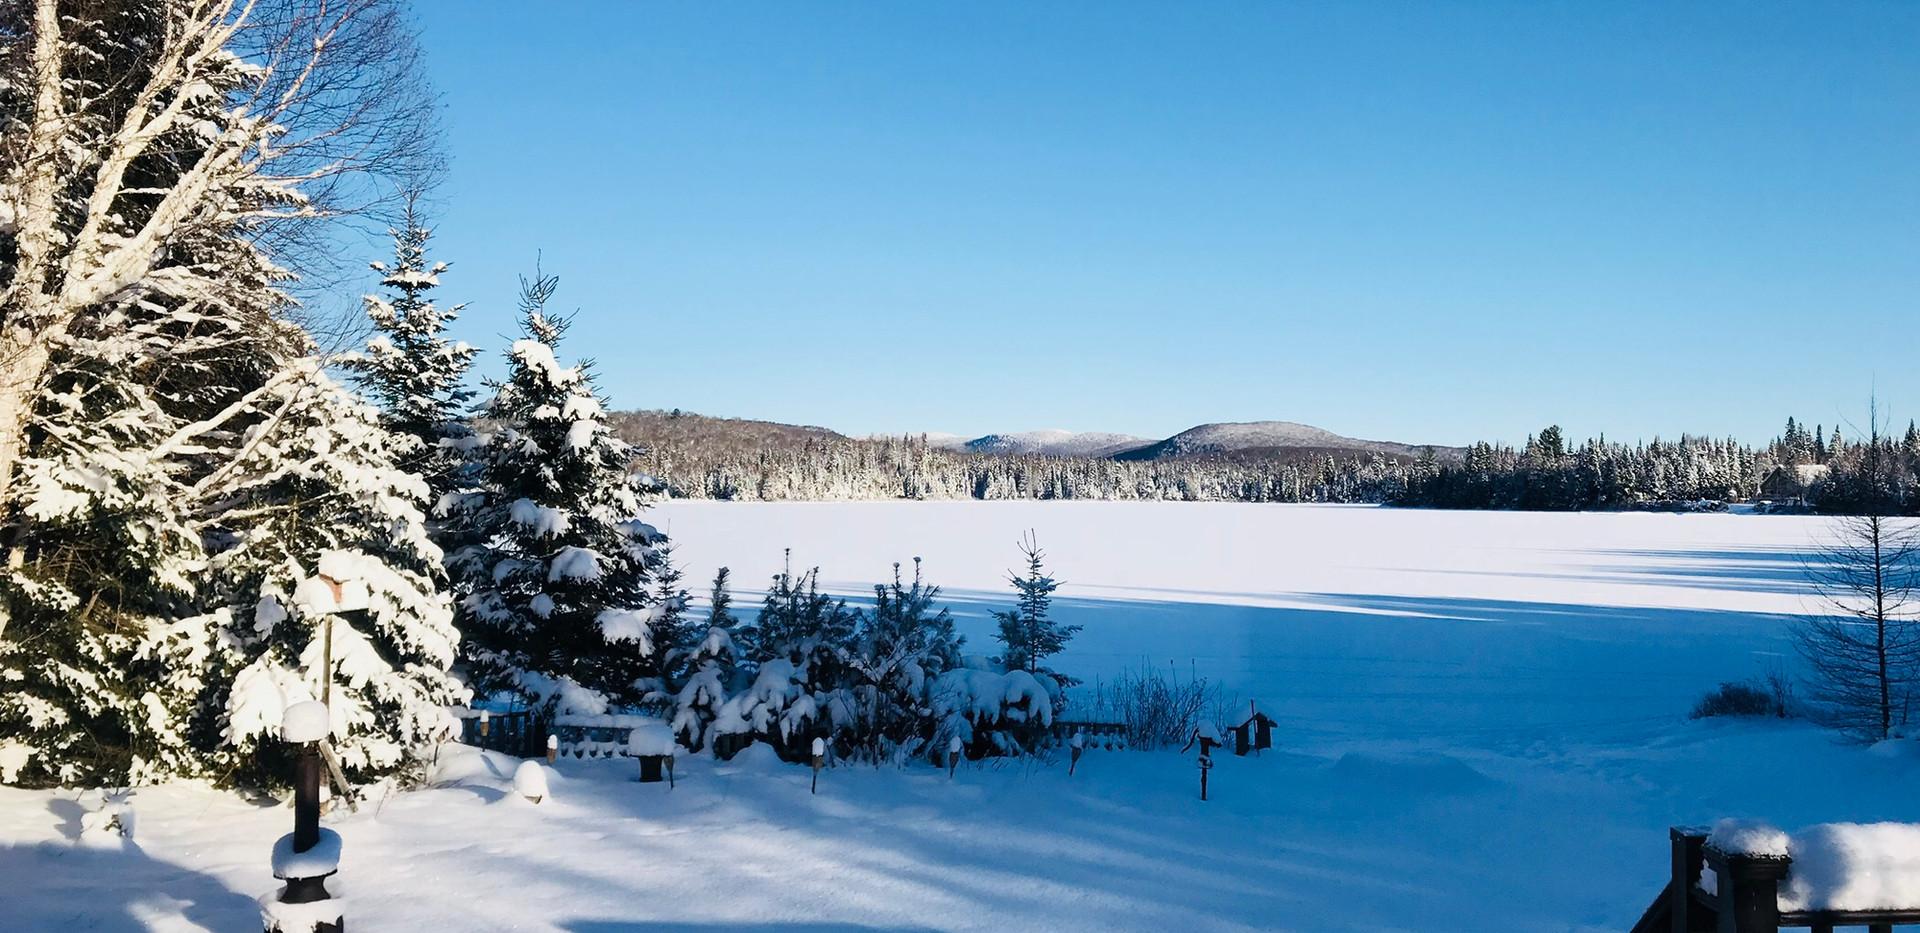 Chalet à louer au Québec | face au lac | 4 saisons Le Cocooning L'Ascension | Vue de l'intérieure